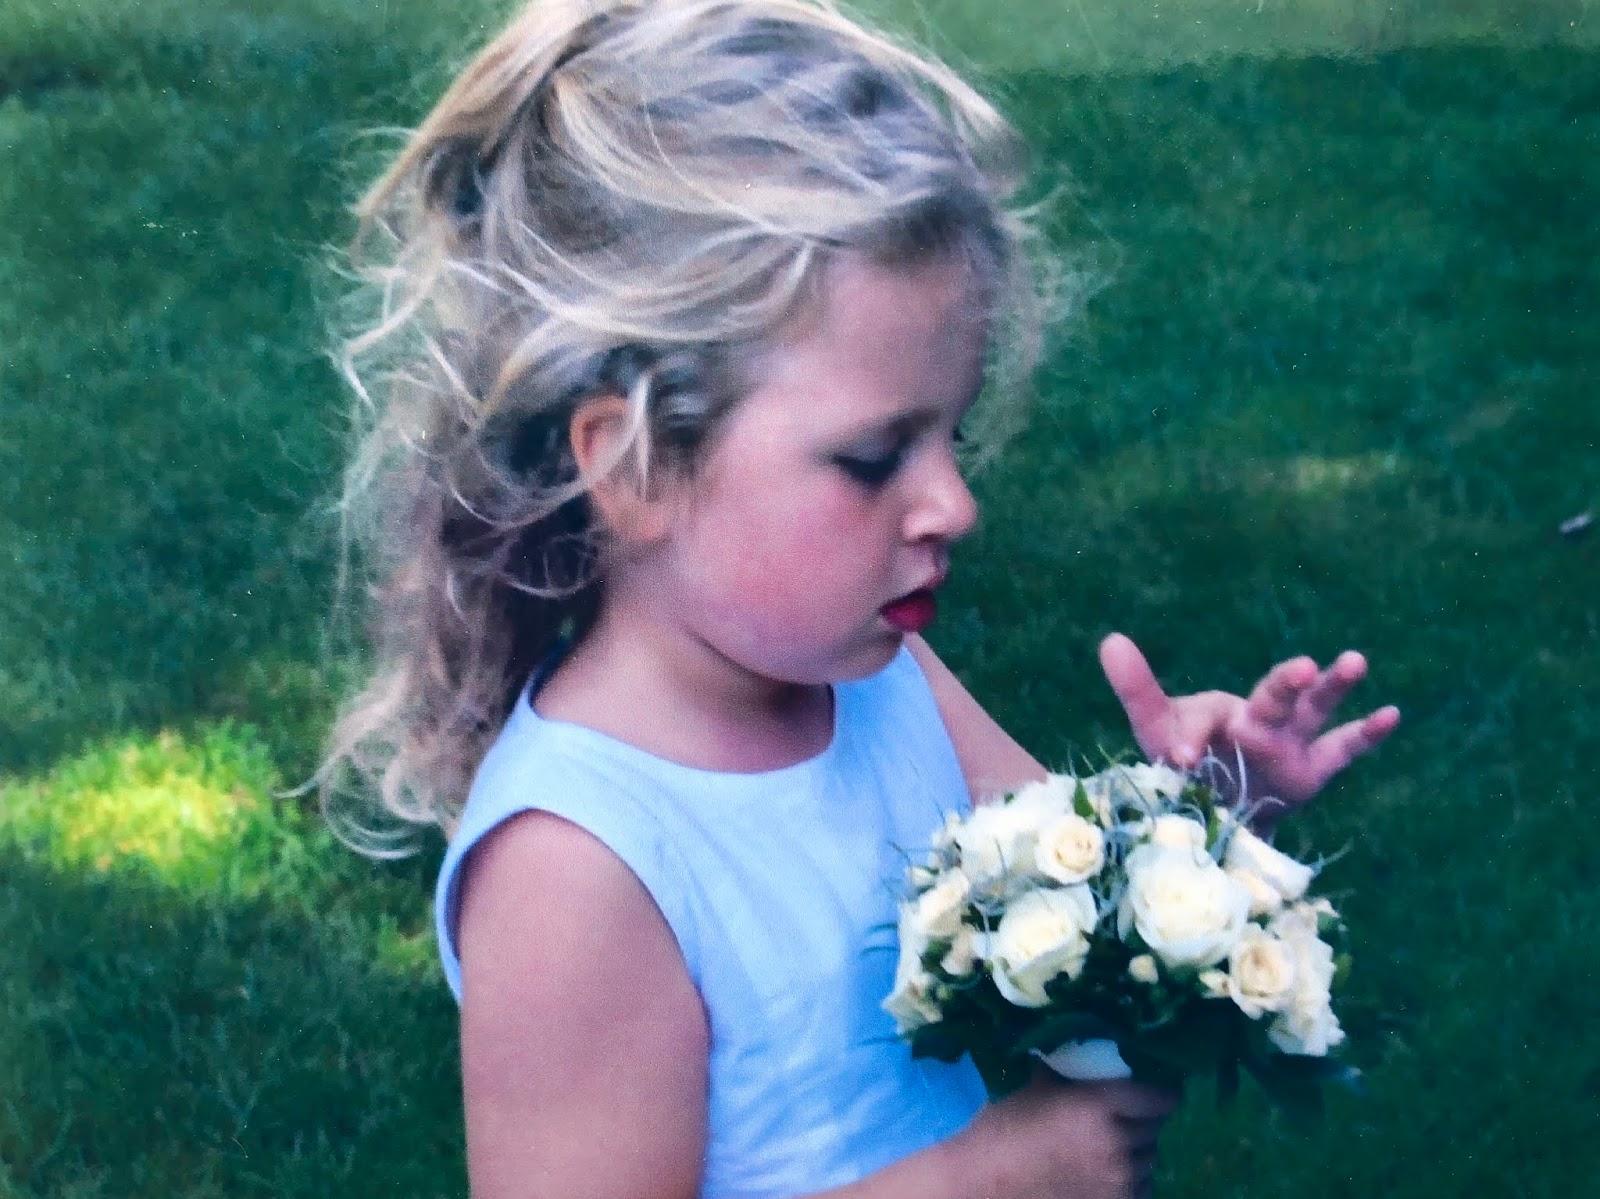 Mijn jongere ik in een wit jurkje en bloemetjes in mijn handen op een grasveld.